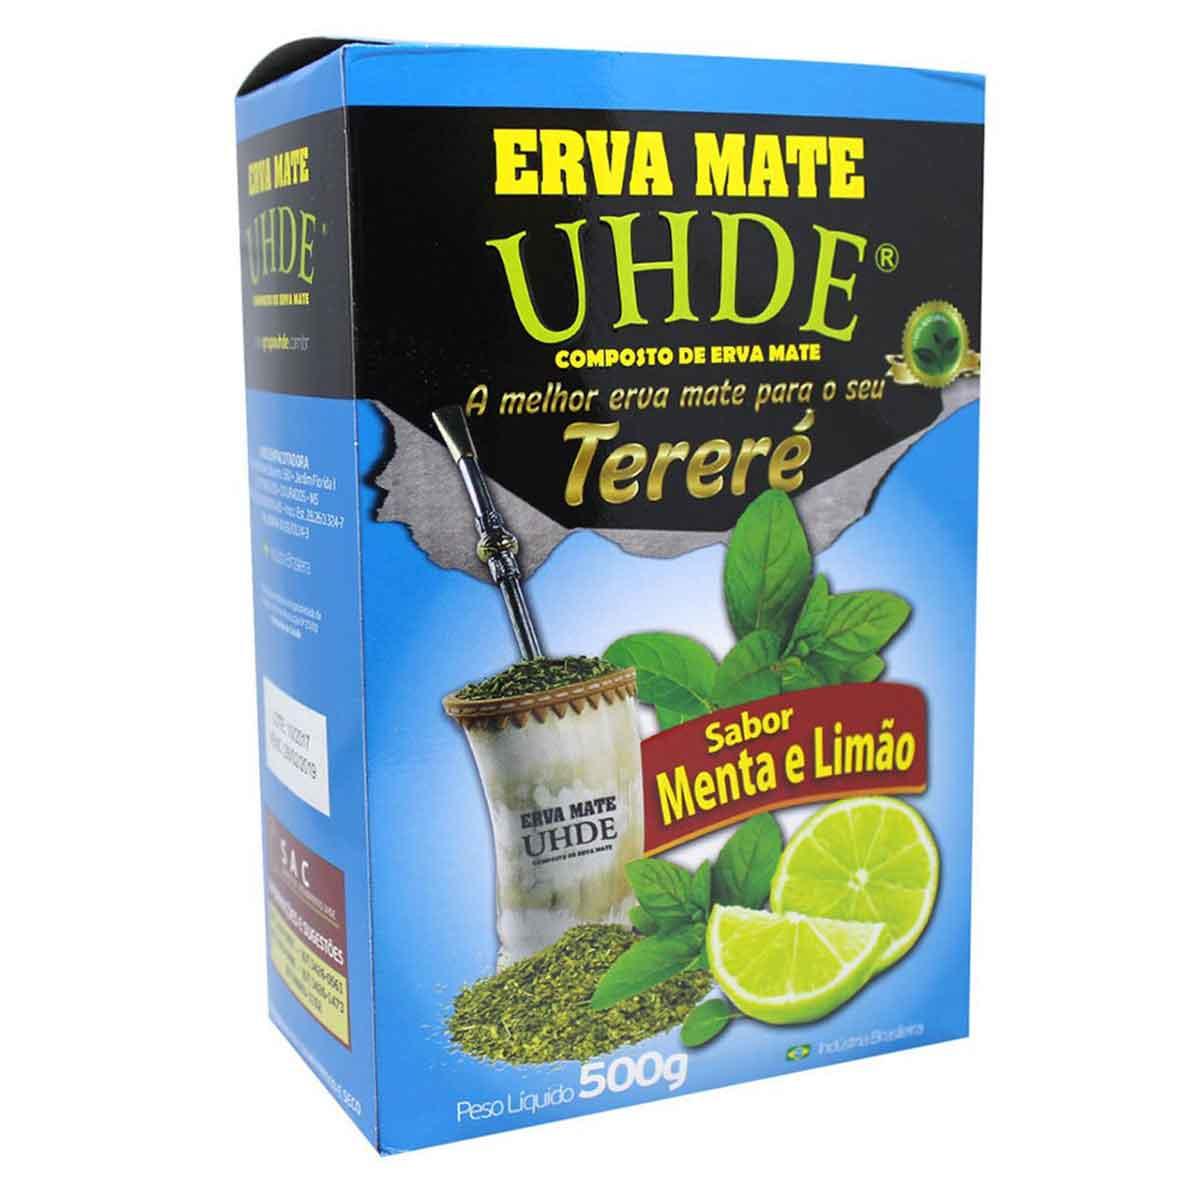 Erva Mate UHDE Menta Limão 500g